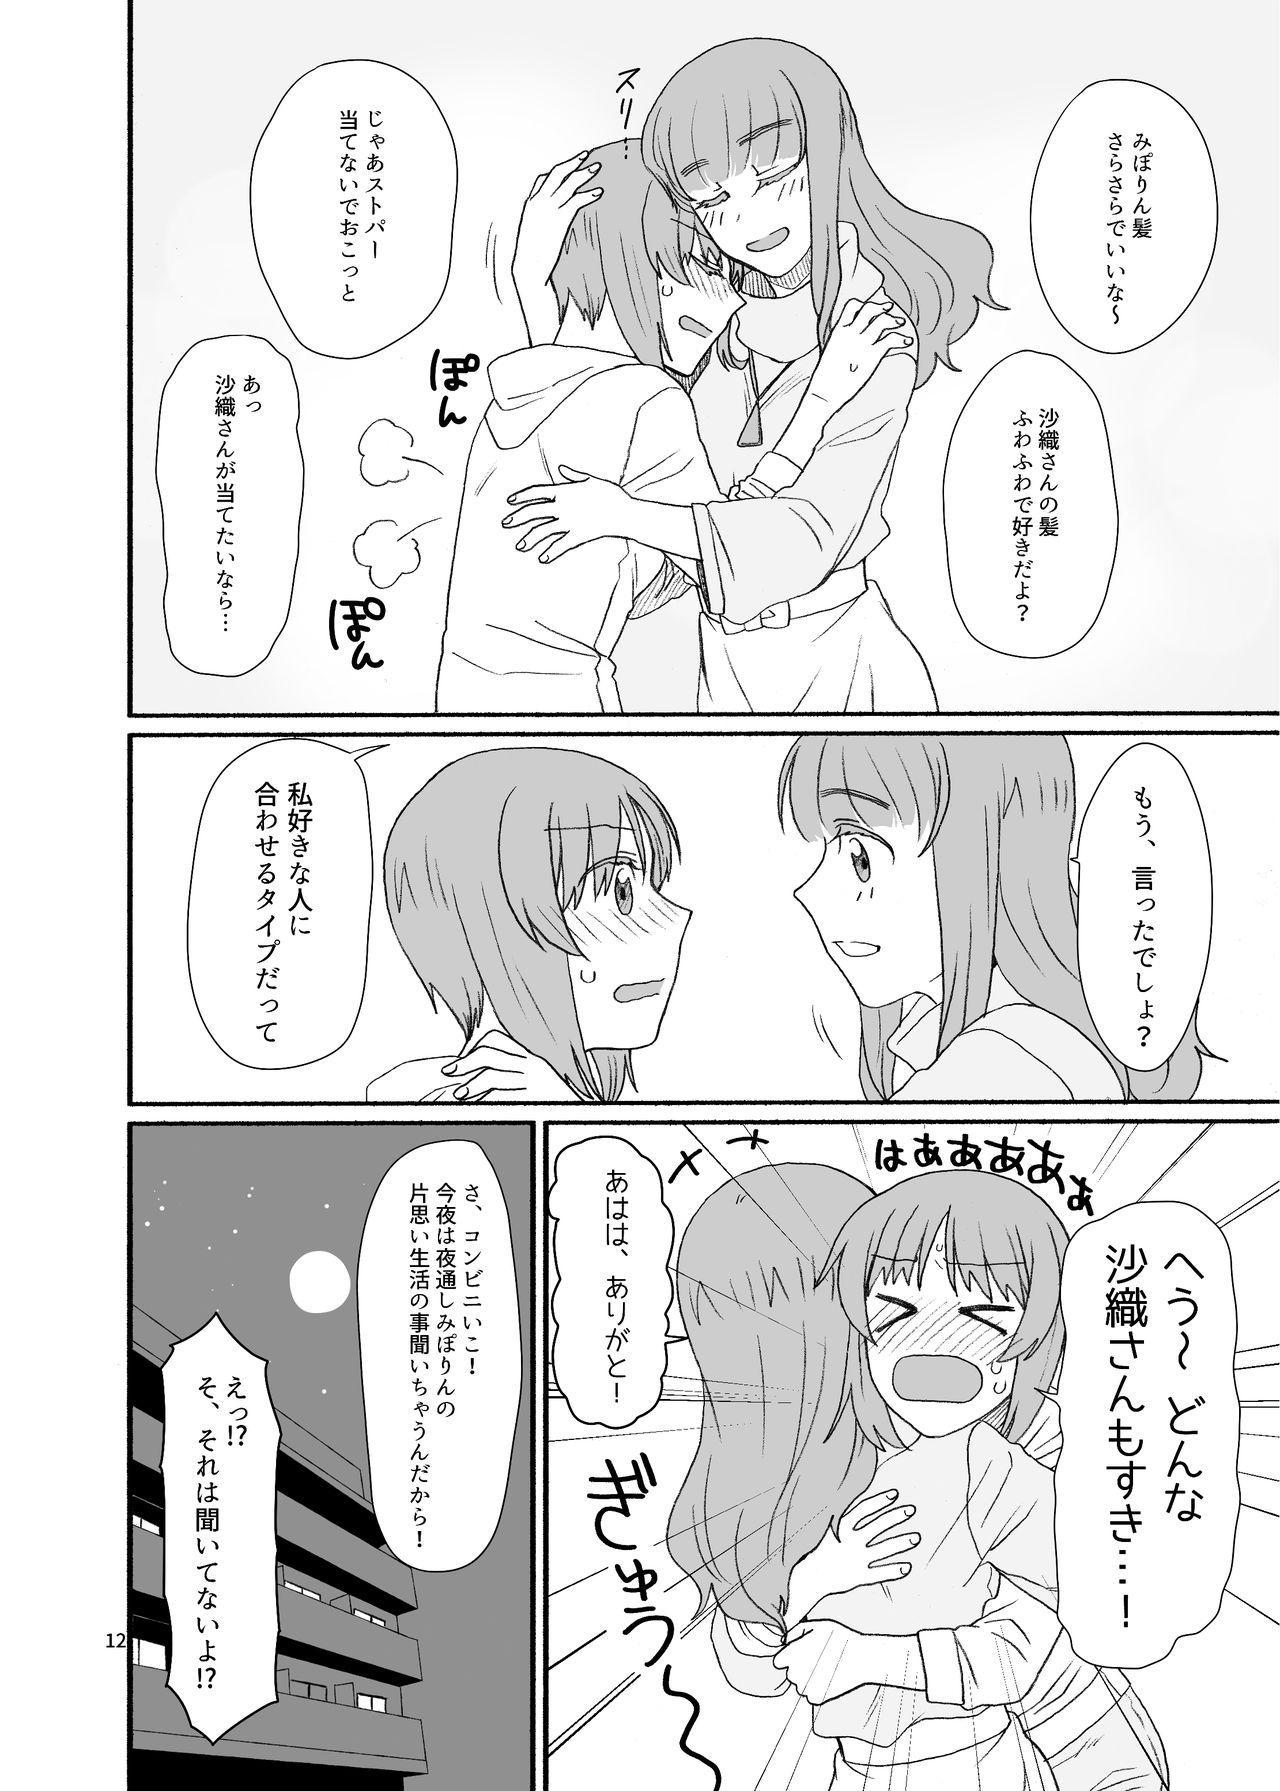 Saori-san, Tsukiatte Kudasai! 10